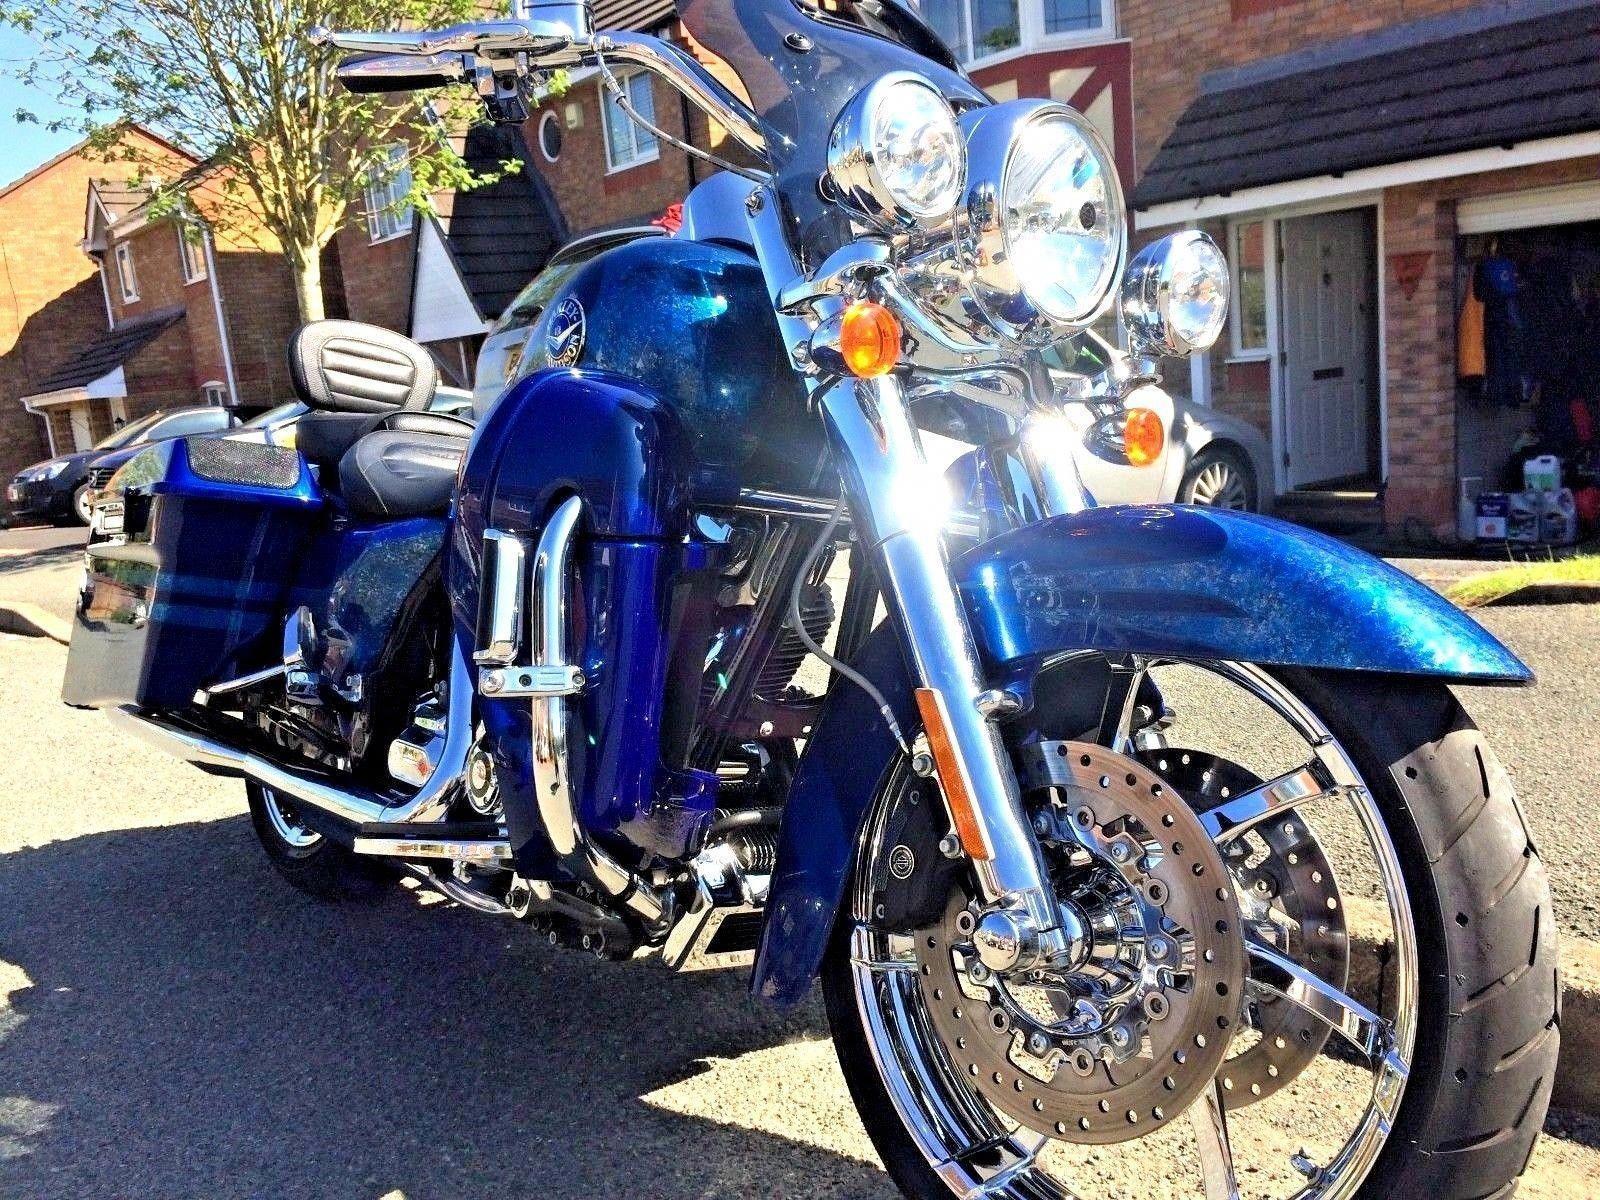 eBay: Harley Davidson Road King CVO #harleydavidson ukdeals rssdata